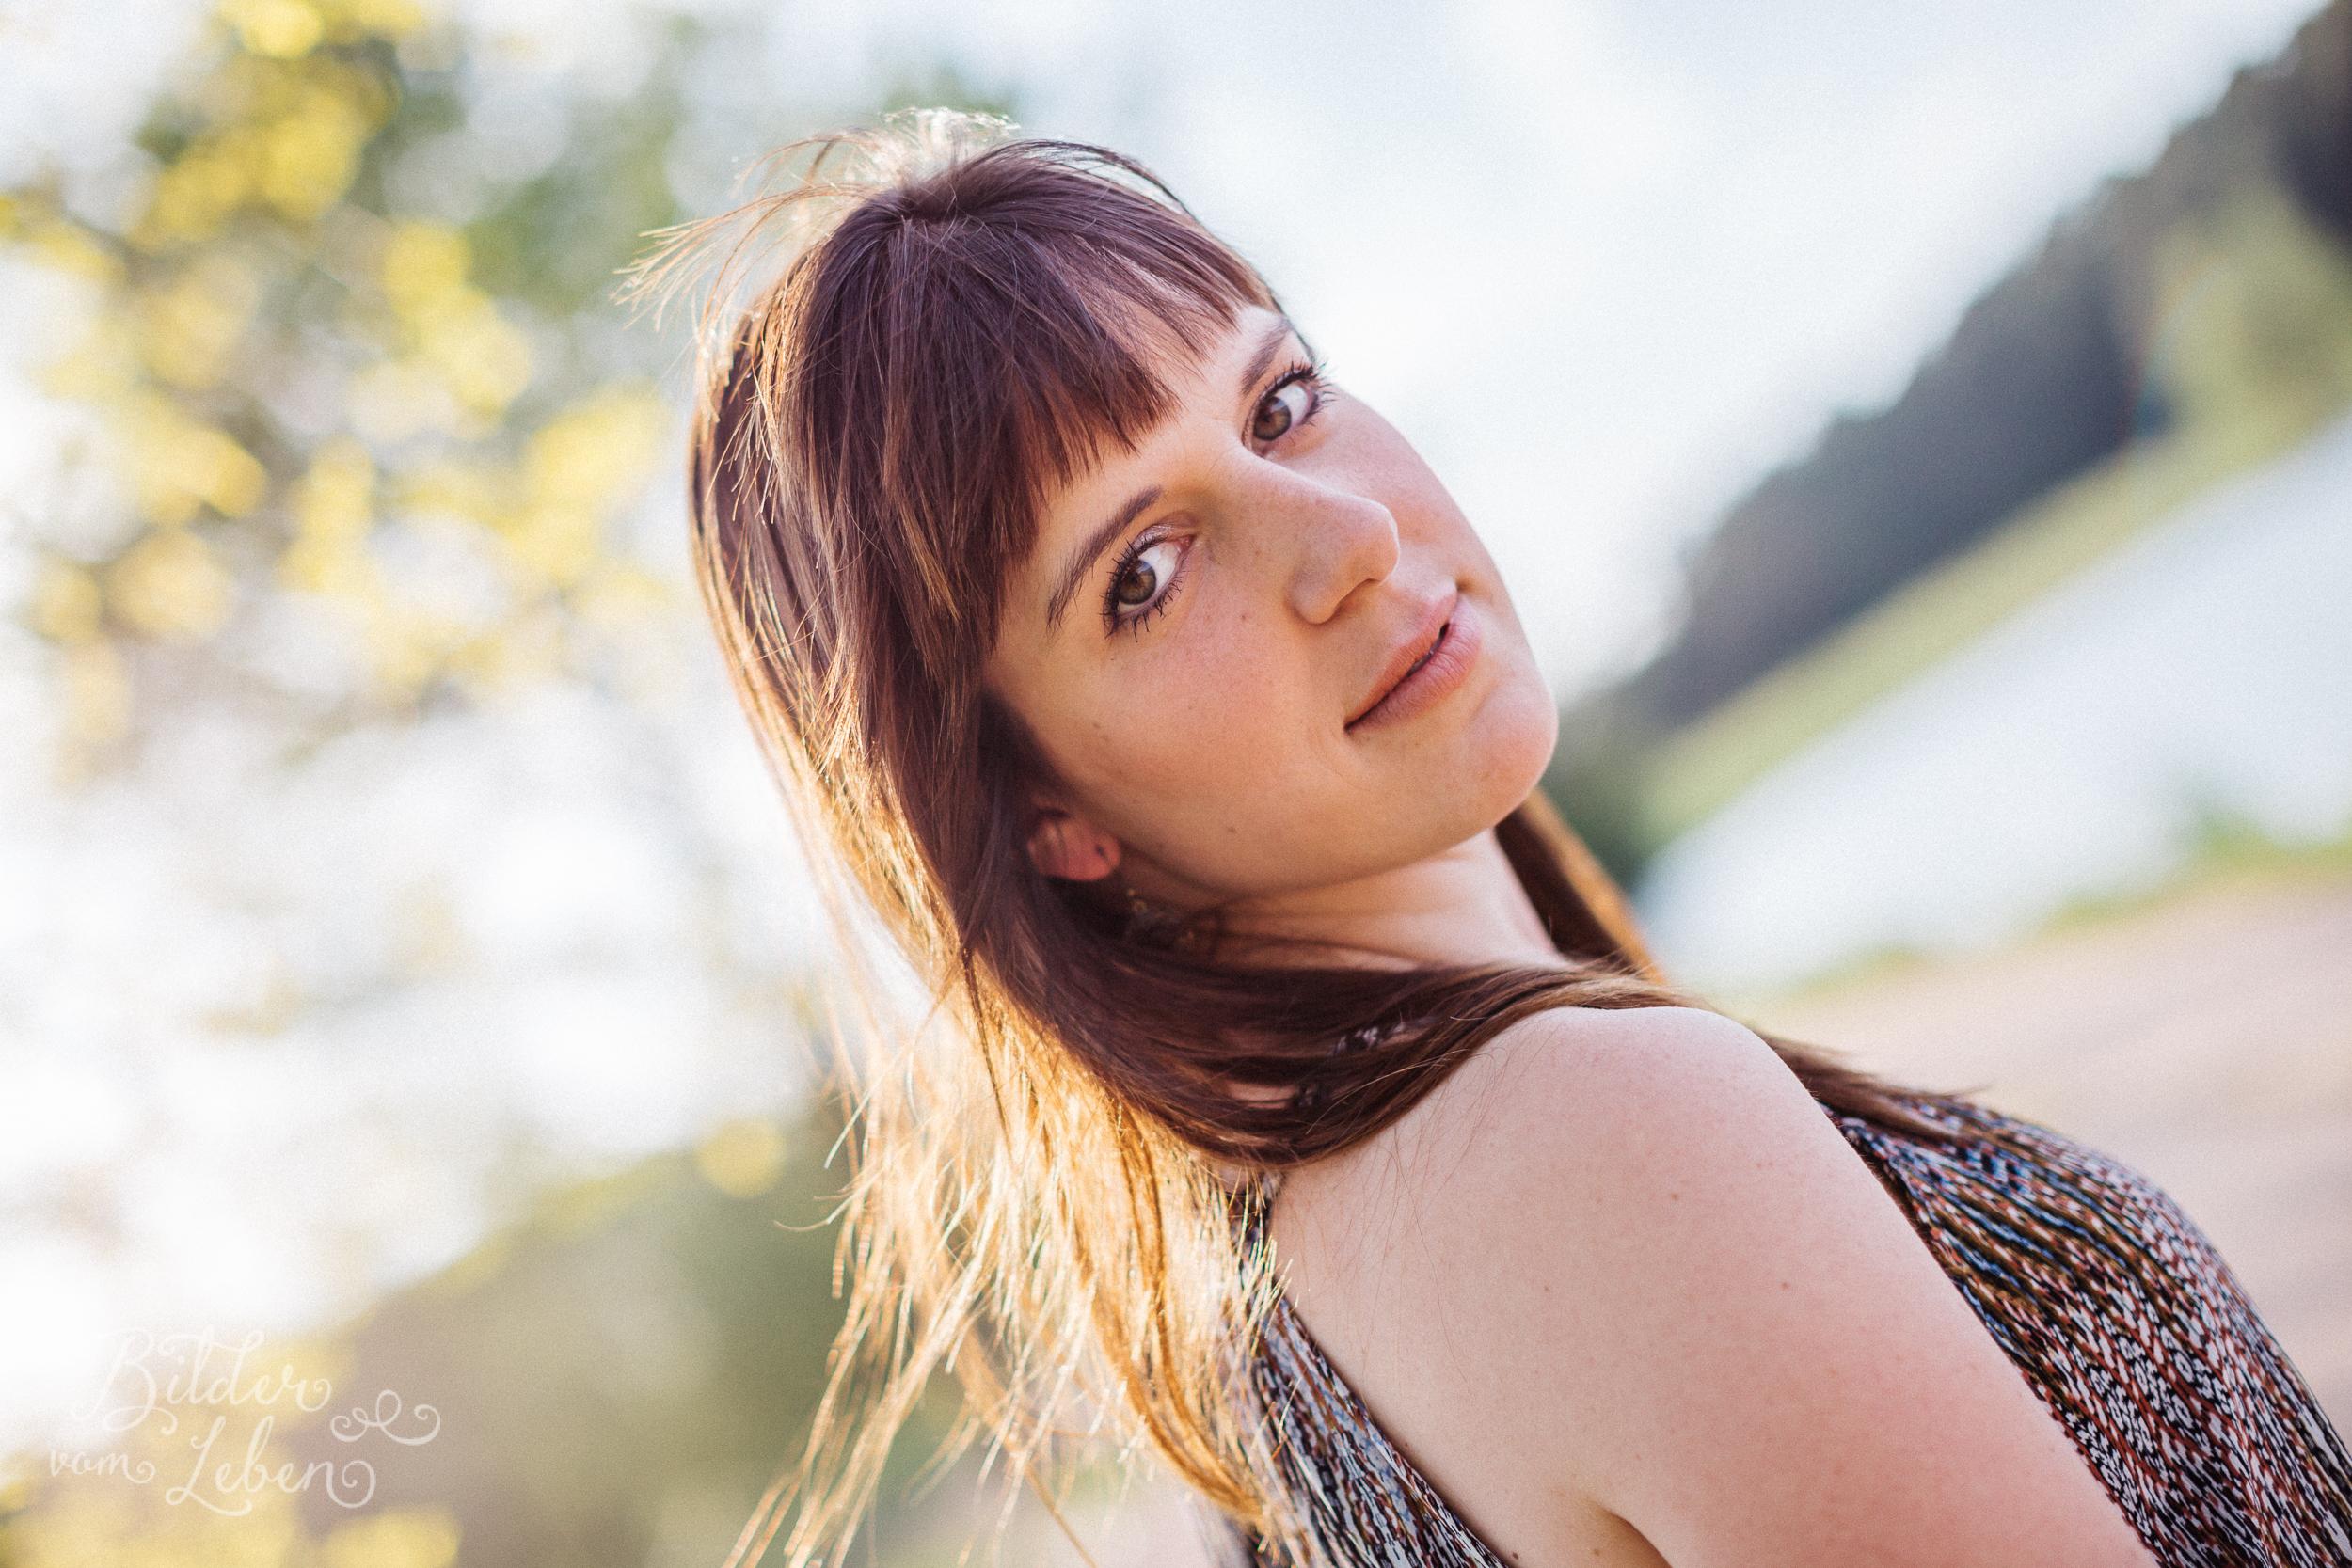 BildervomLeben-Fotografie-Christina-Heinig-Portraits-Gegenlicht-Susanne-2016-5652